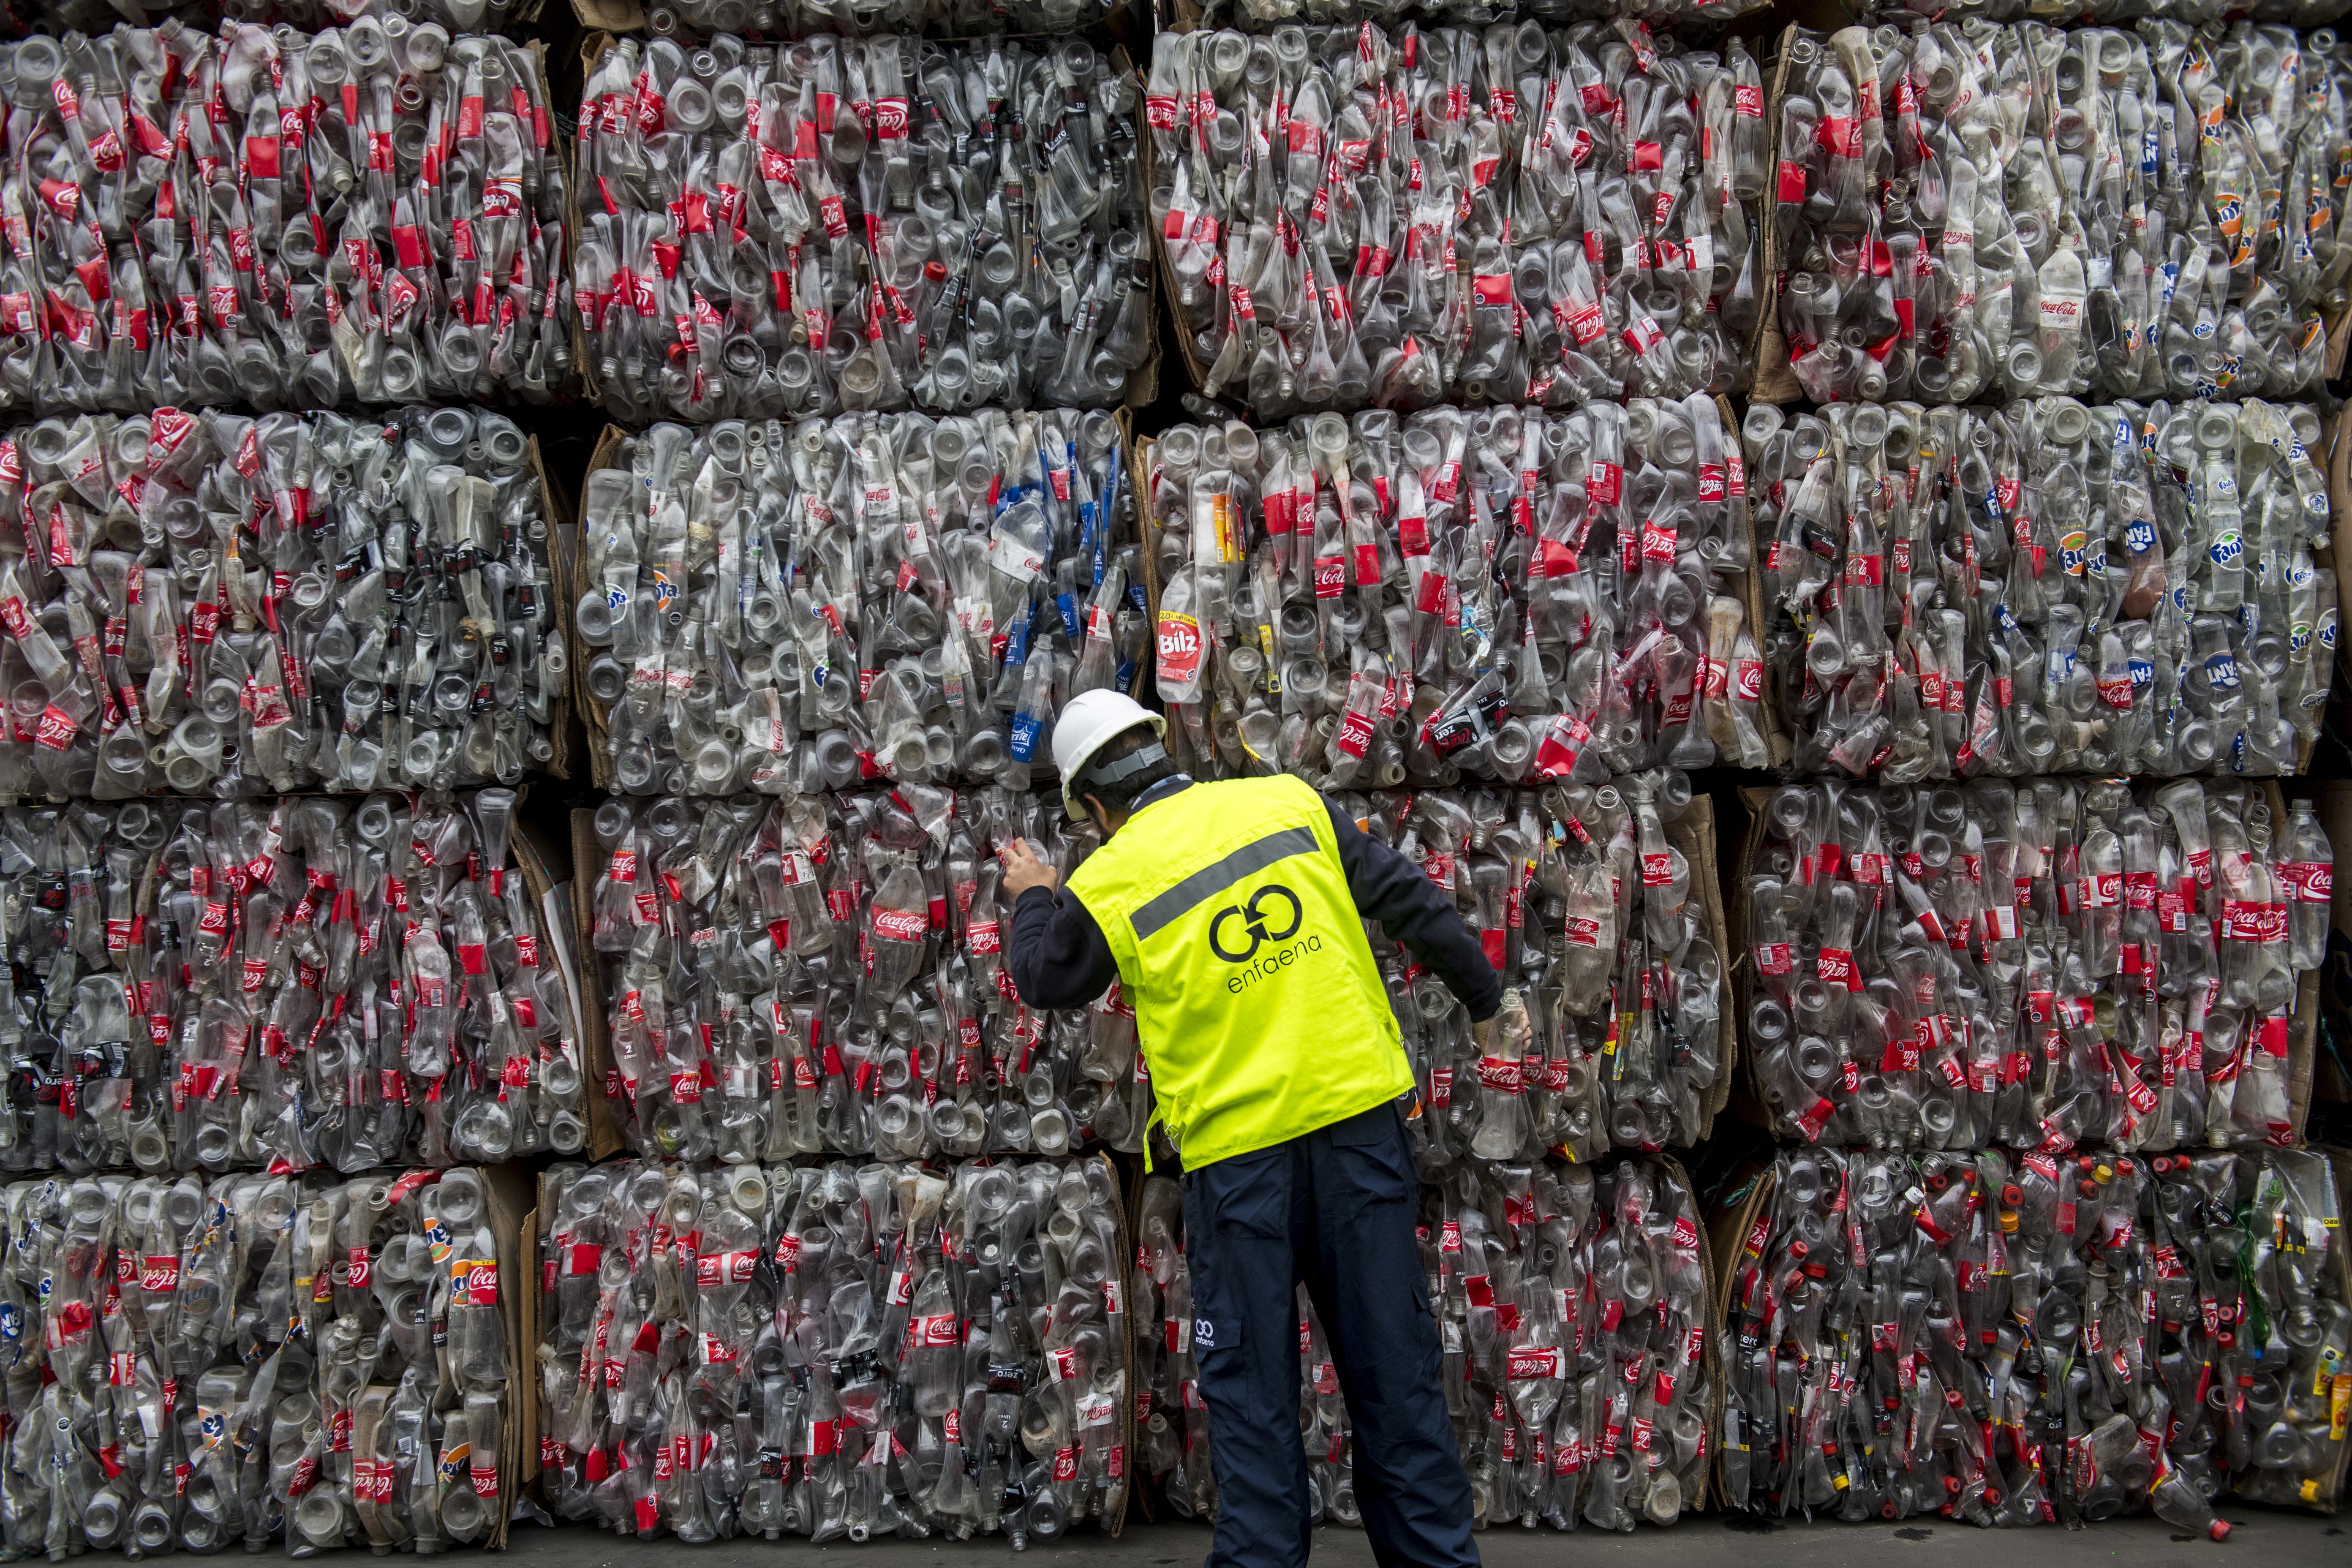 A Coca-Cola nem mond le az egyszer használatos műanyagpalackról, mert szerintük a fogyasztók ragaszkodnak hozzá